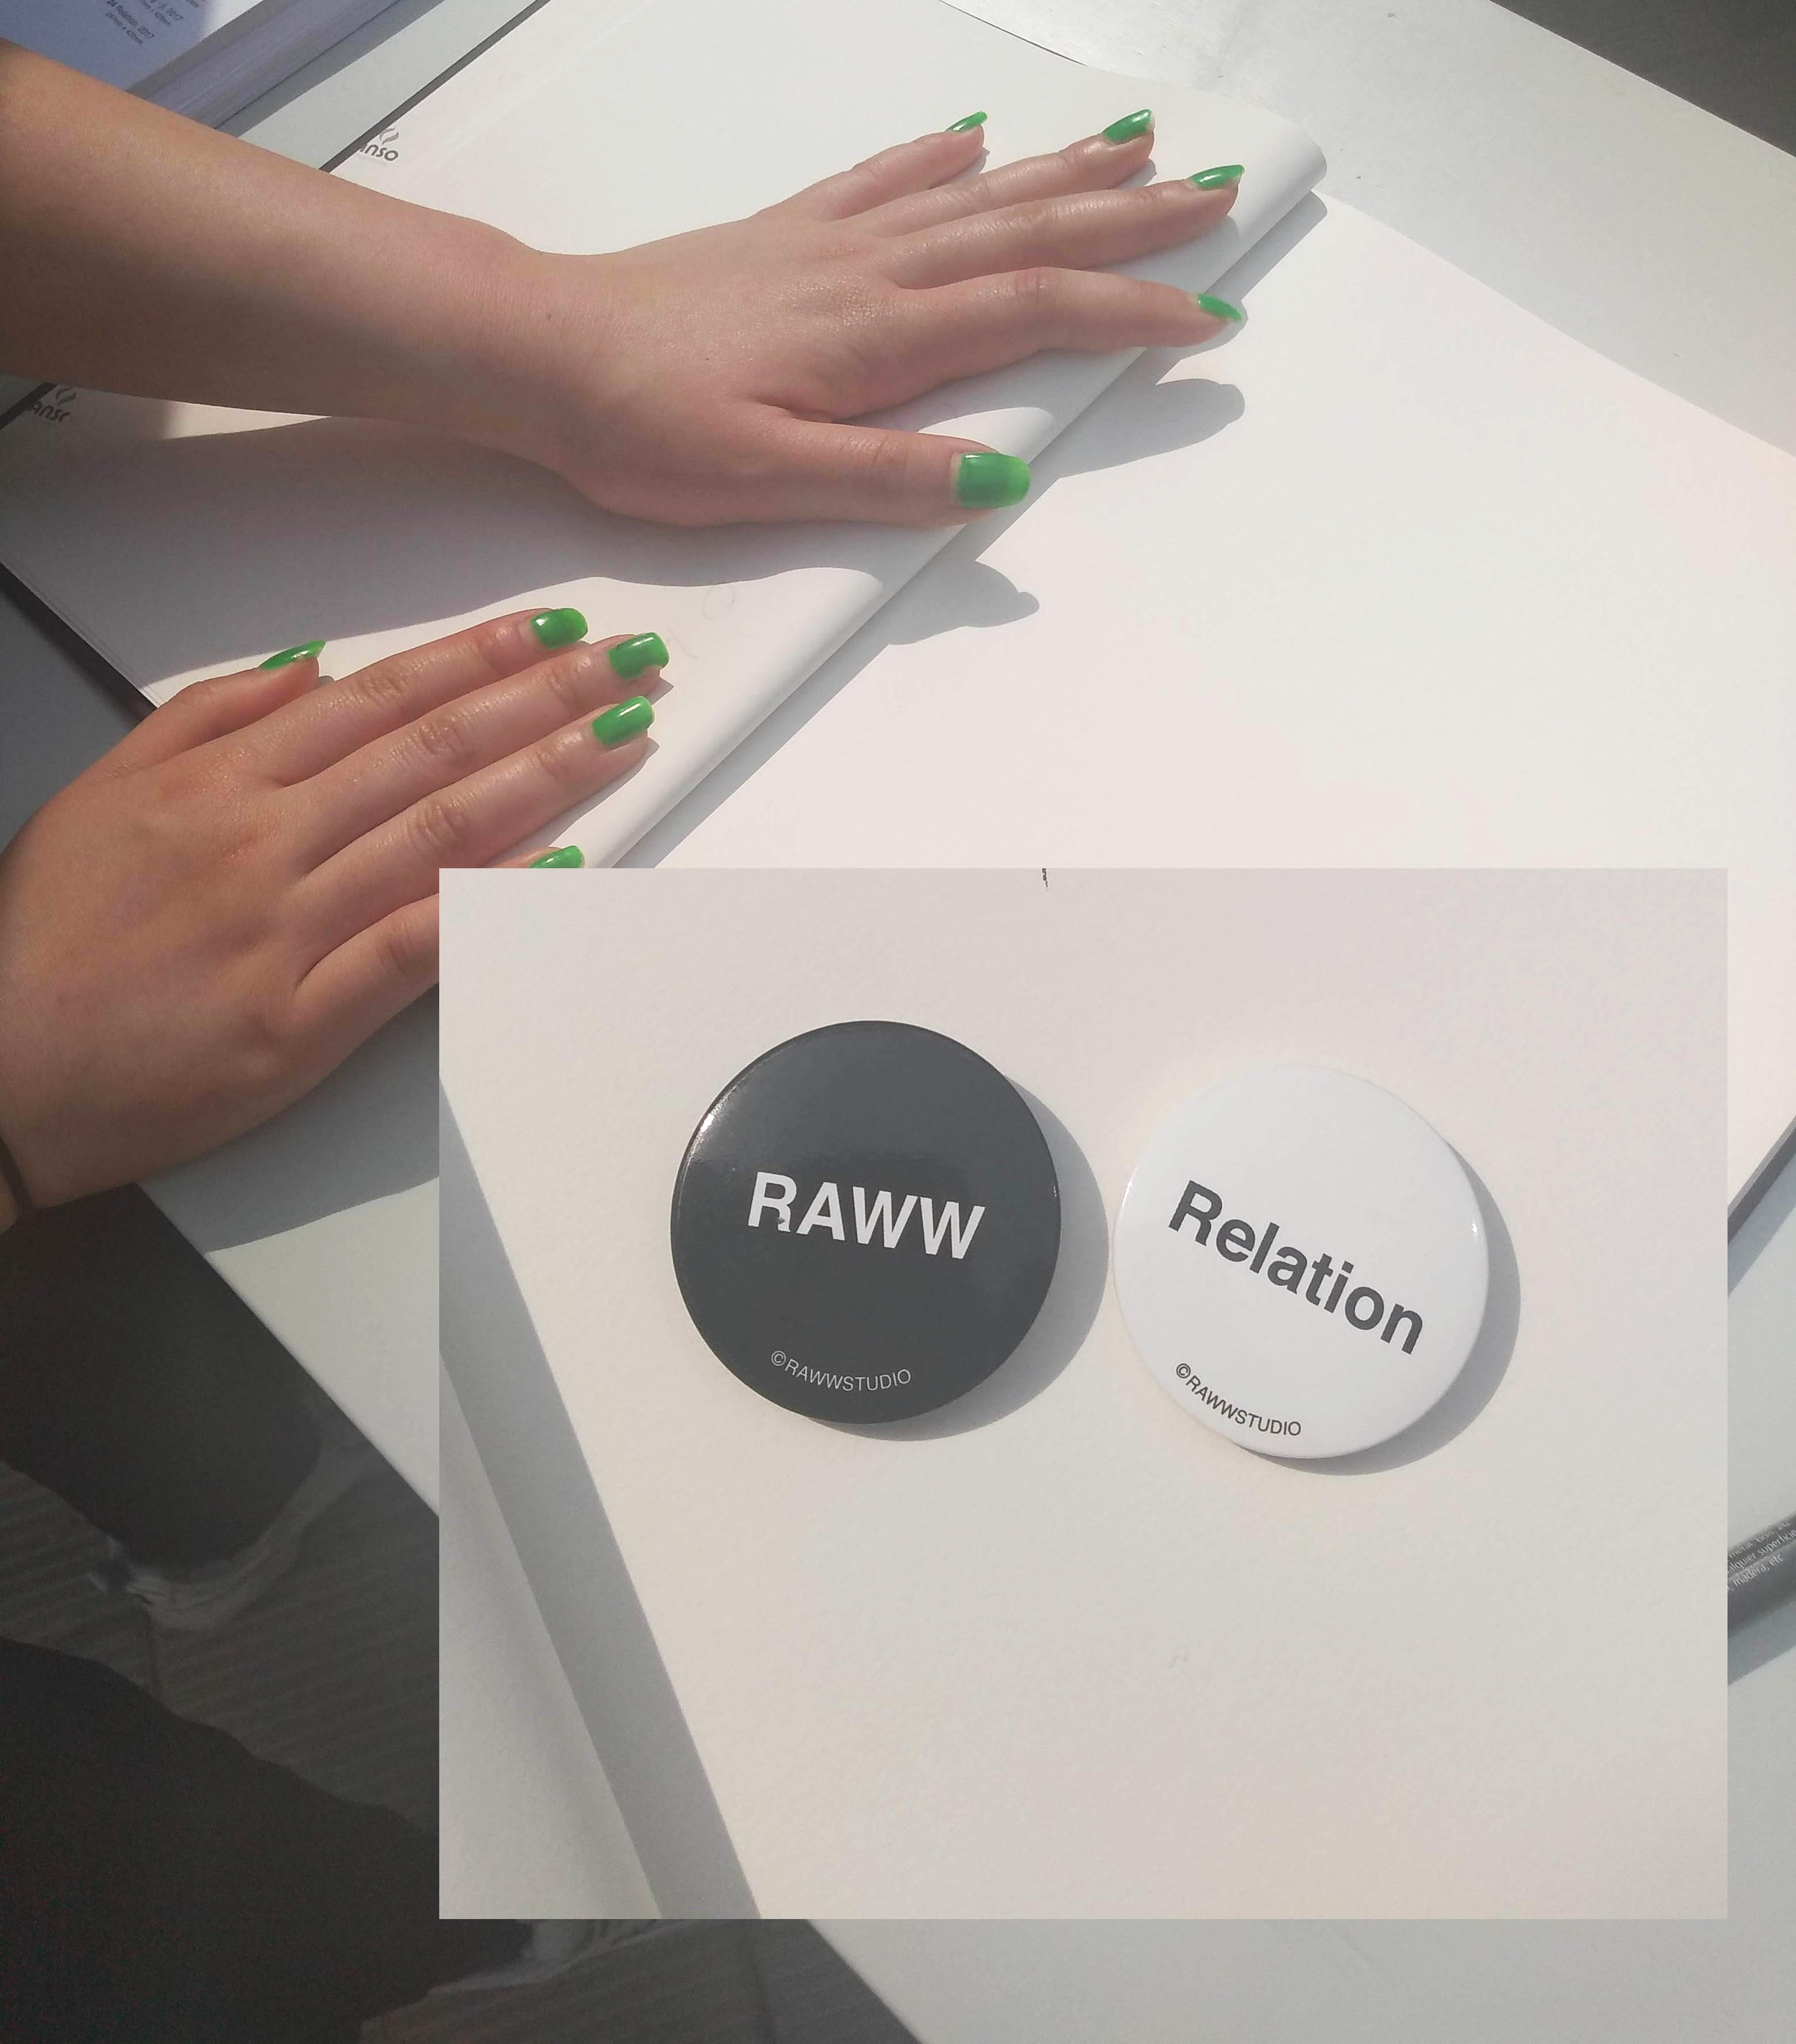 raww.jpg